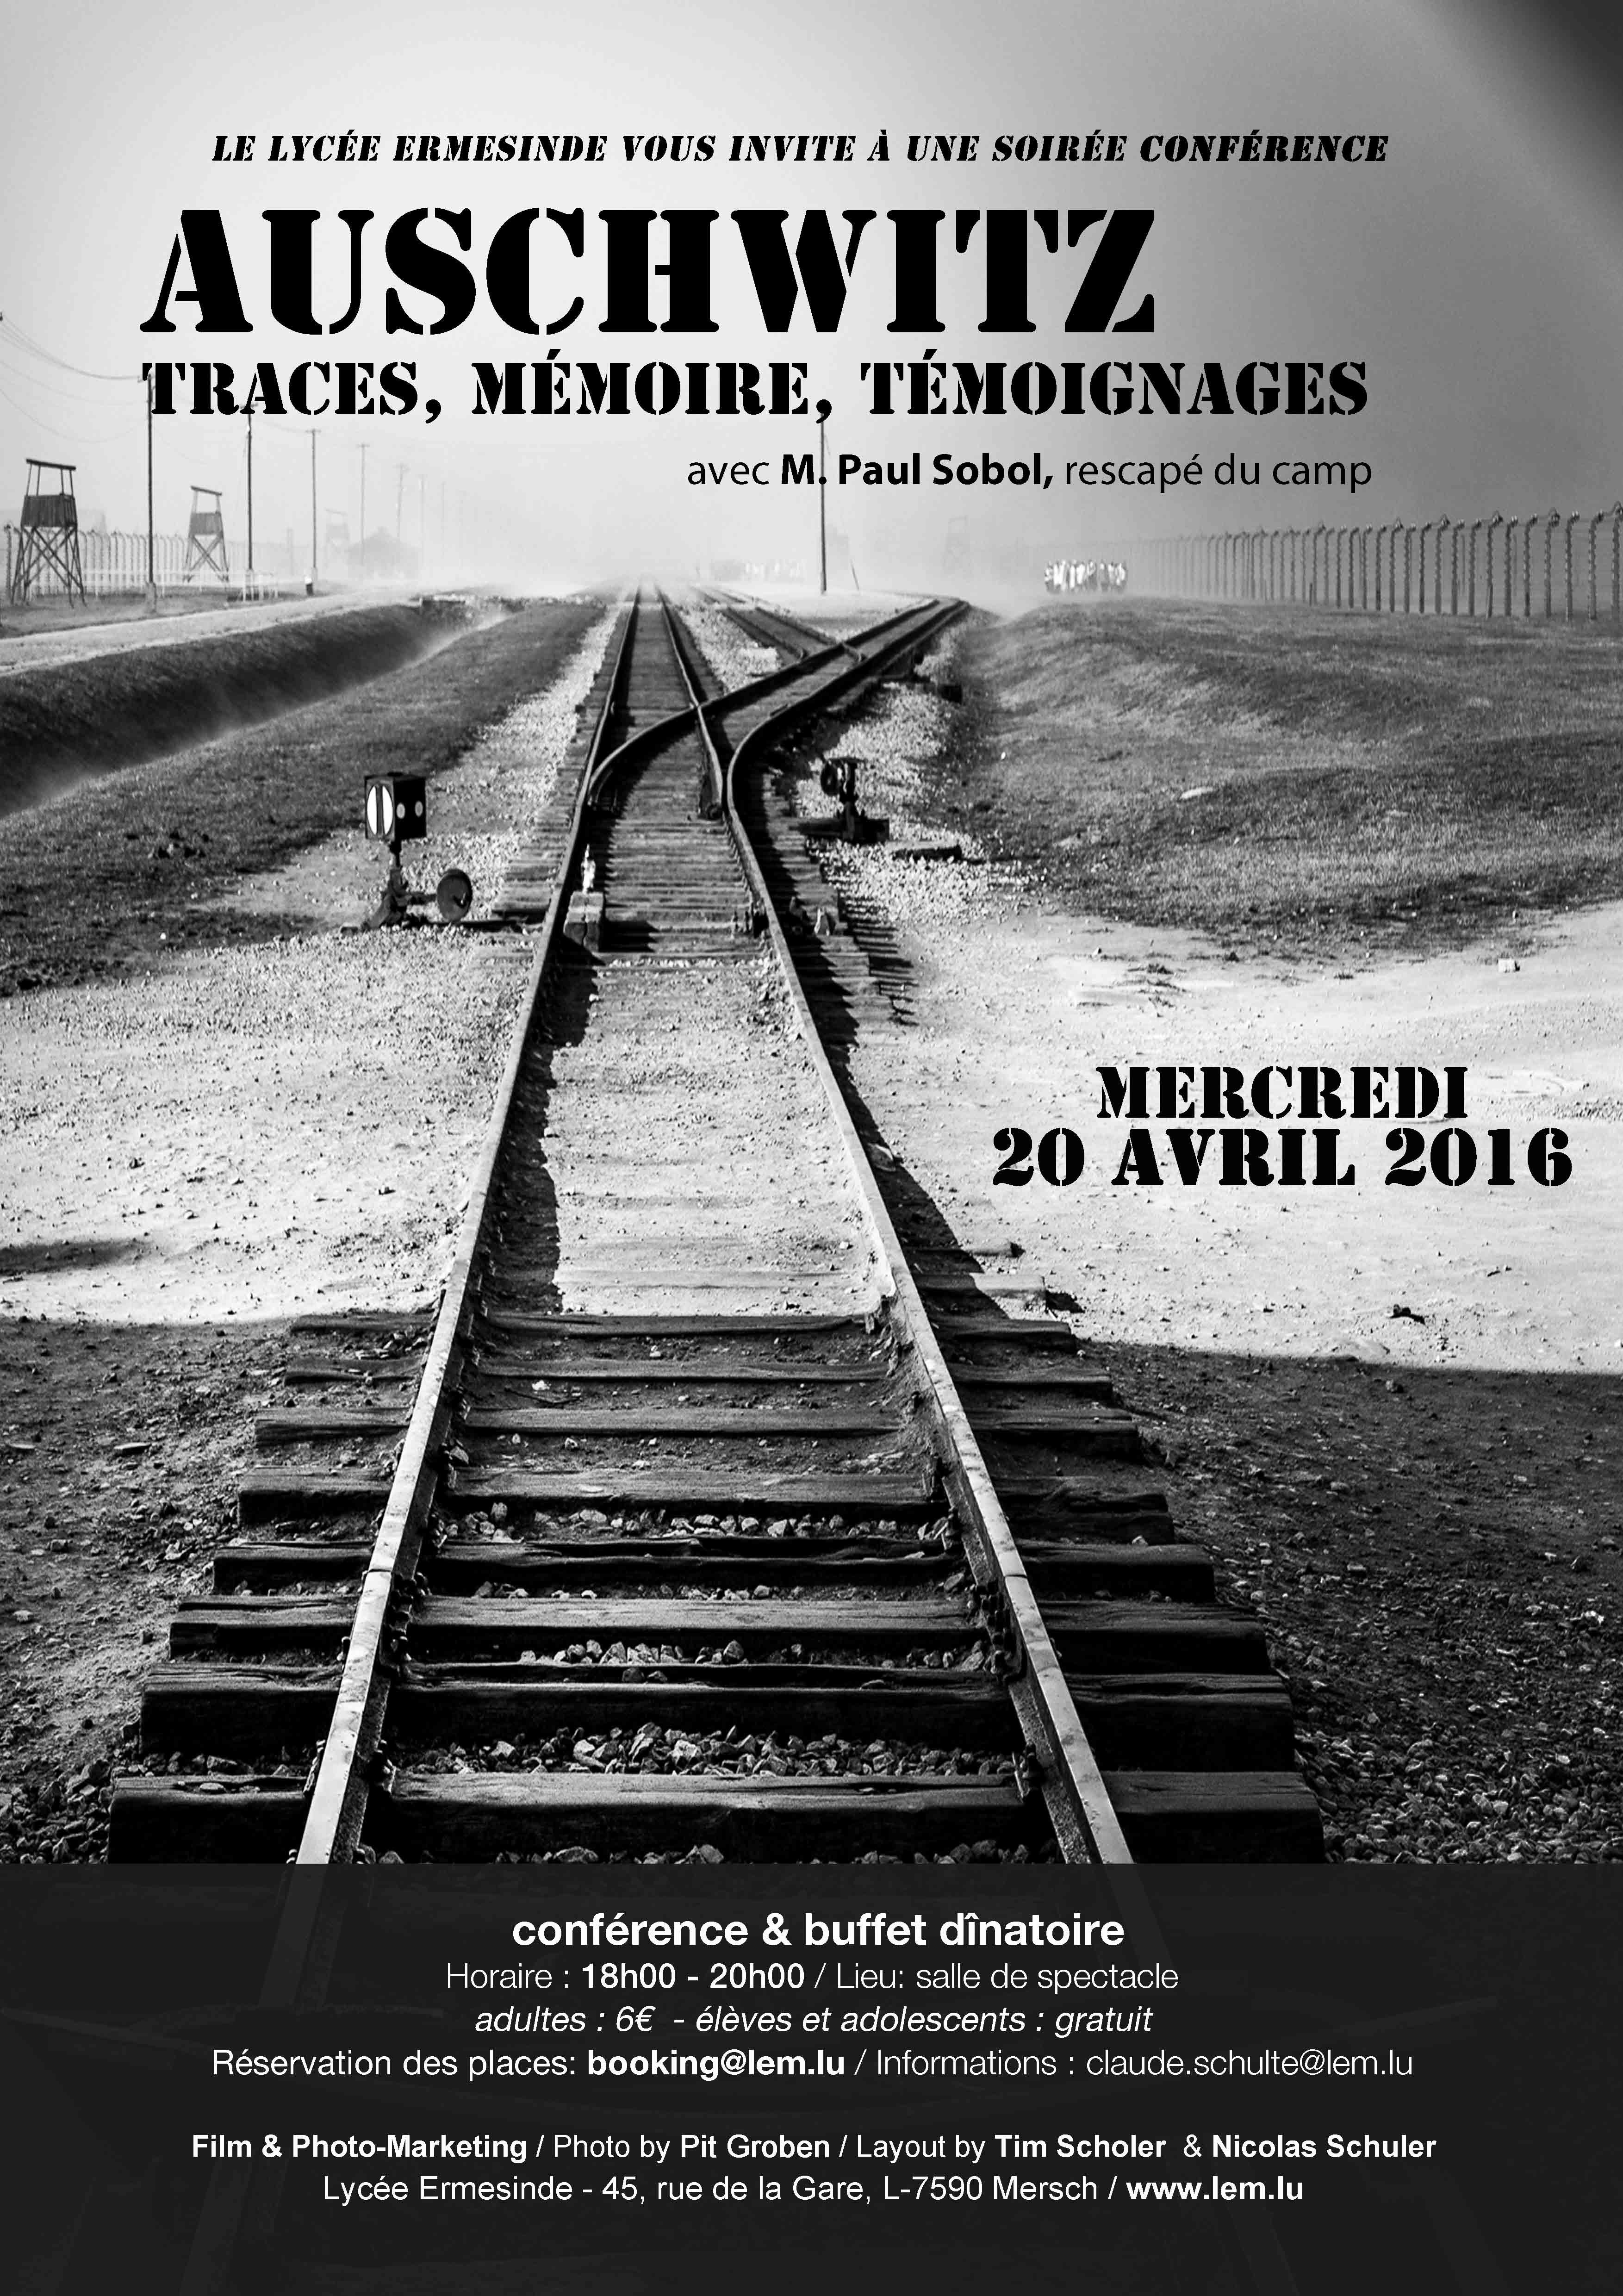 2016 conference Auschwitz